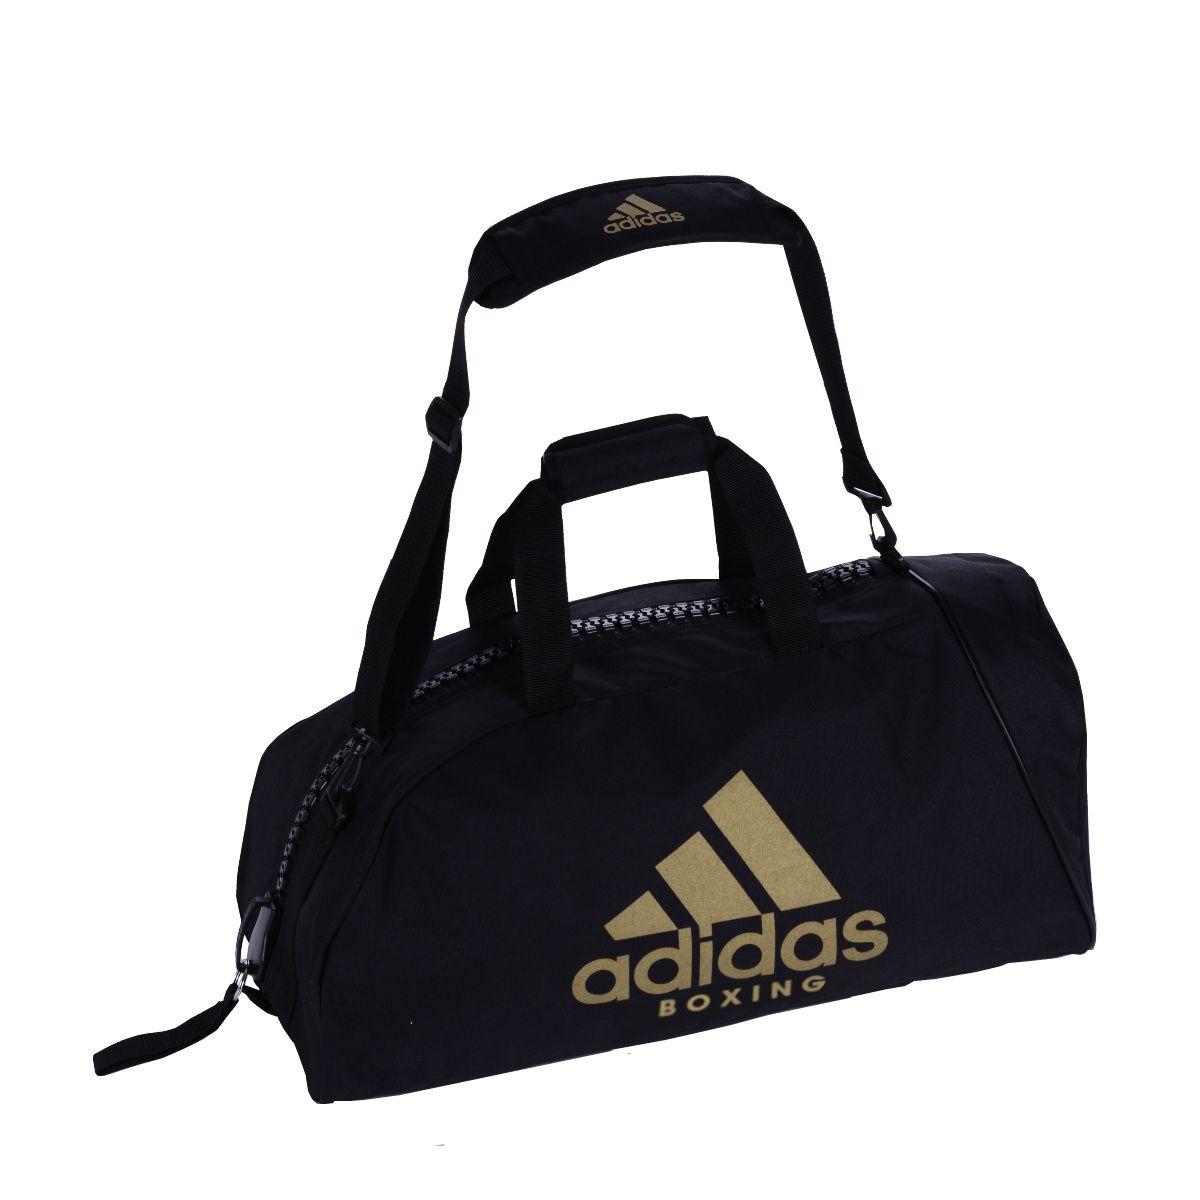 Bolsa Adidas Boxing Alça de Ombro Preto/Dourado 50L